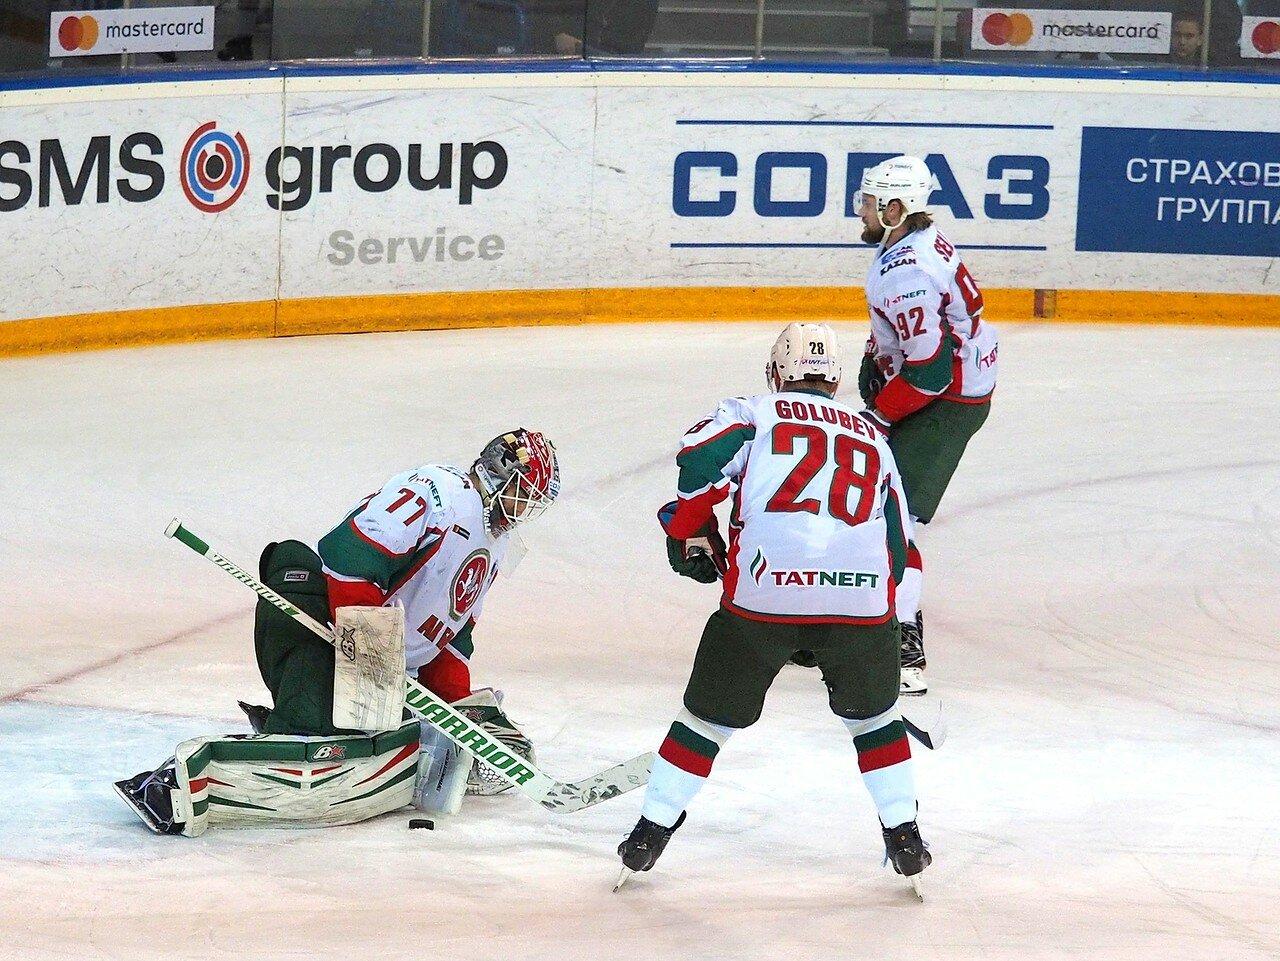 22 Первая игра финала плей-офф восточной конференции 2017 Металлург - АкБарс 24.03.2017